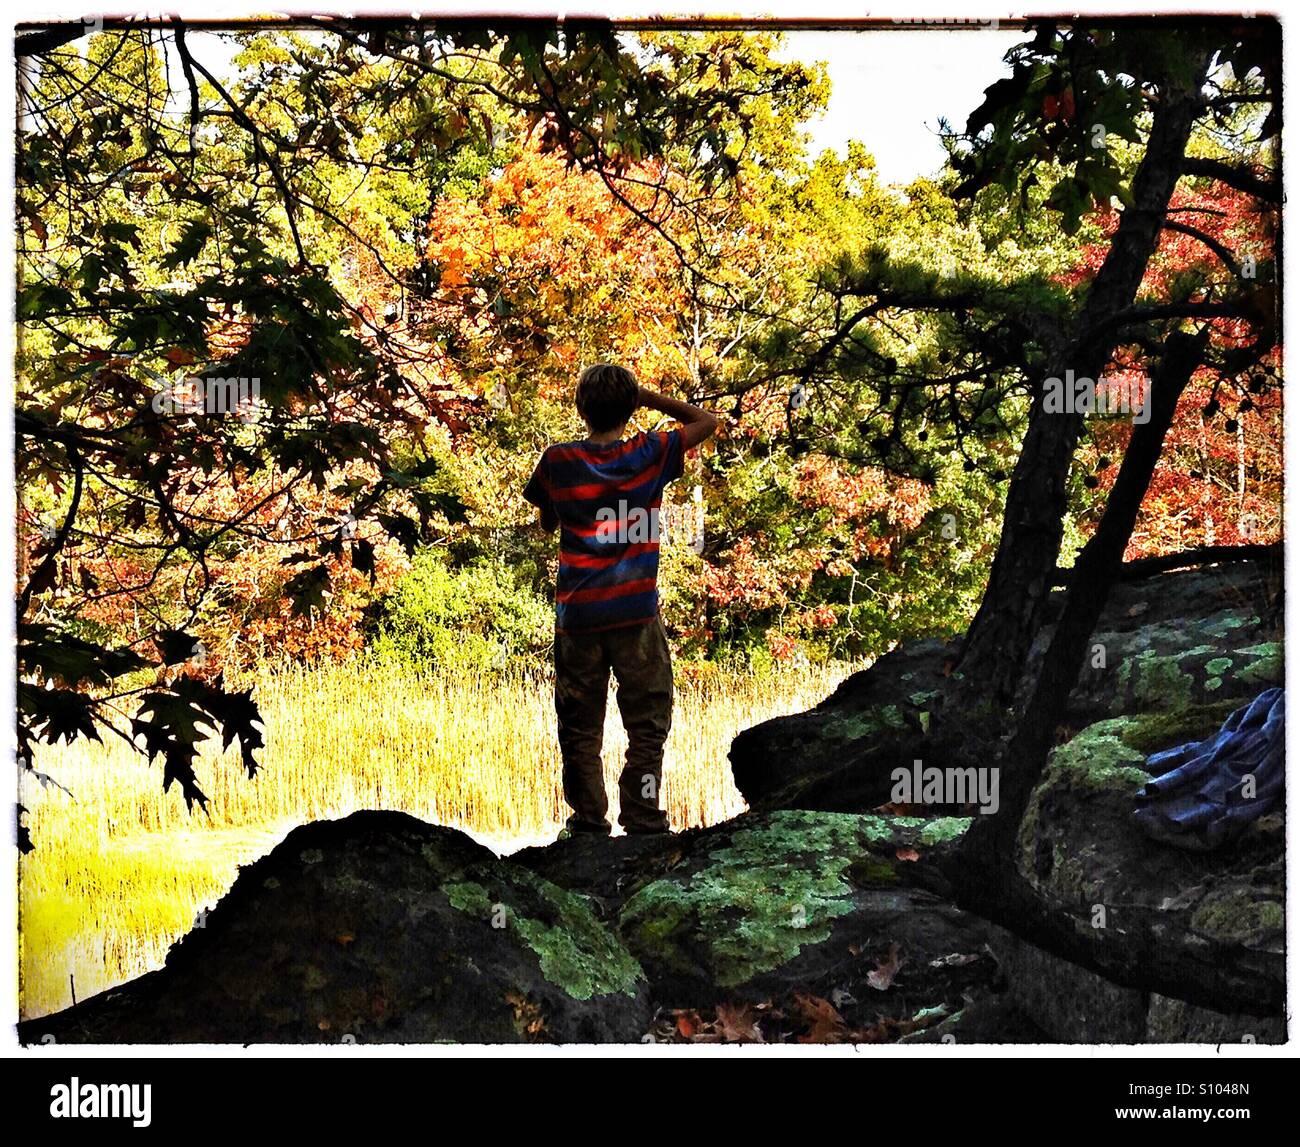 Teen boy regarde sur paysage d'automne. Feuillage d'automne, la Nouvelle Angleterre. CT, USA Photo Stock